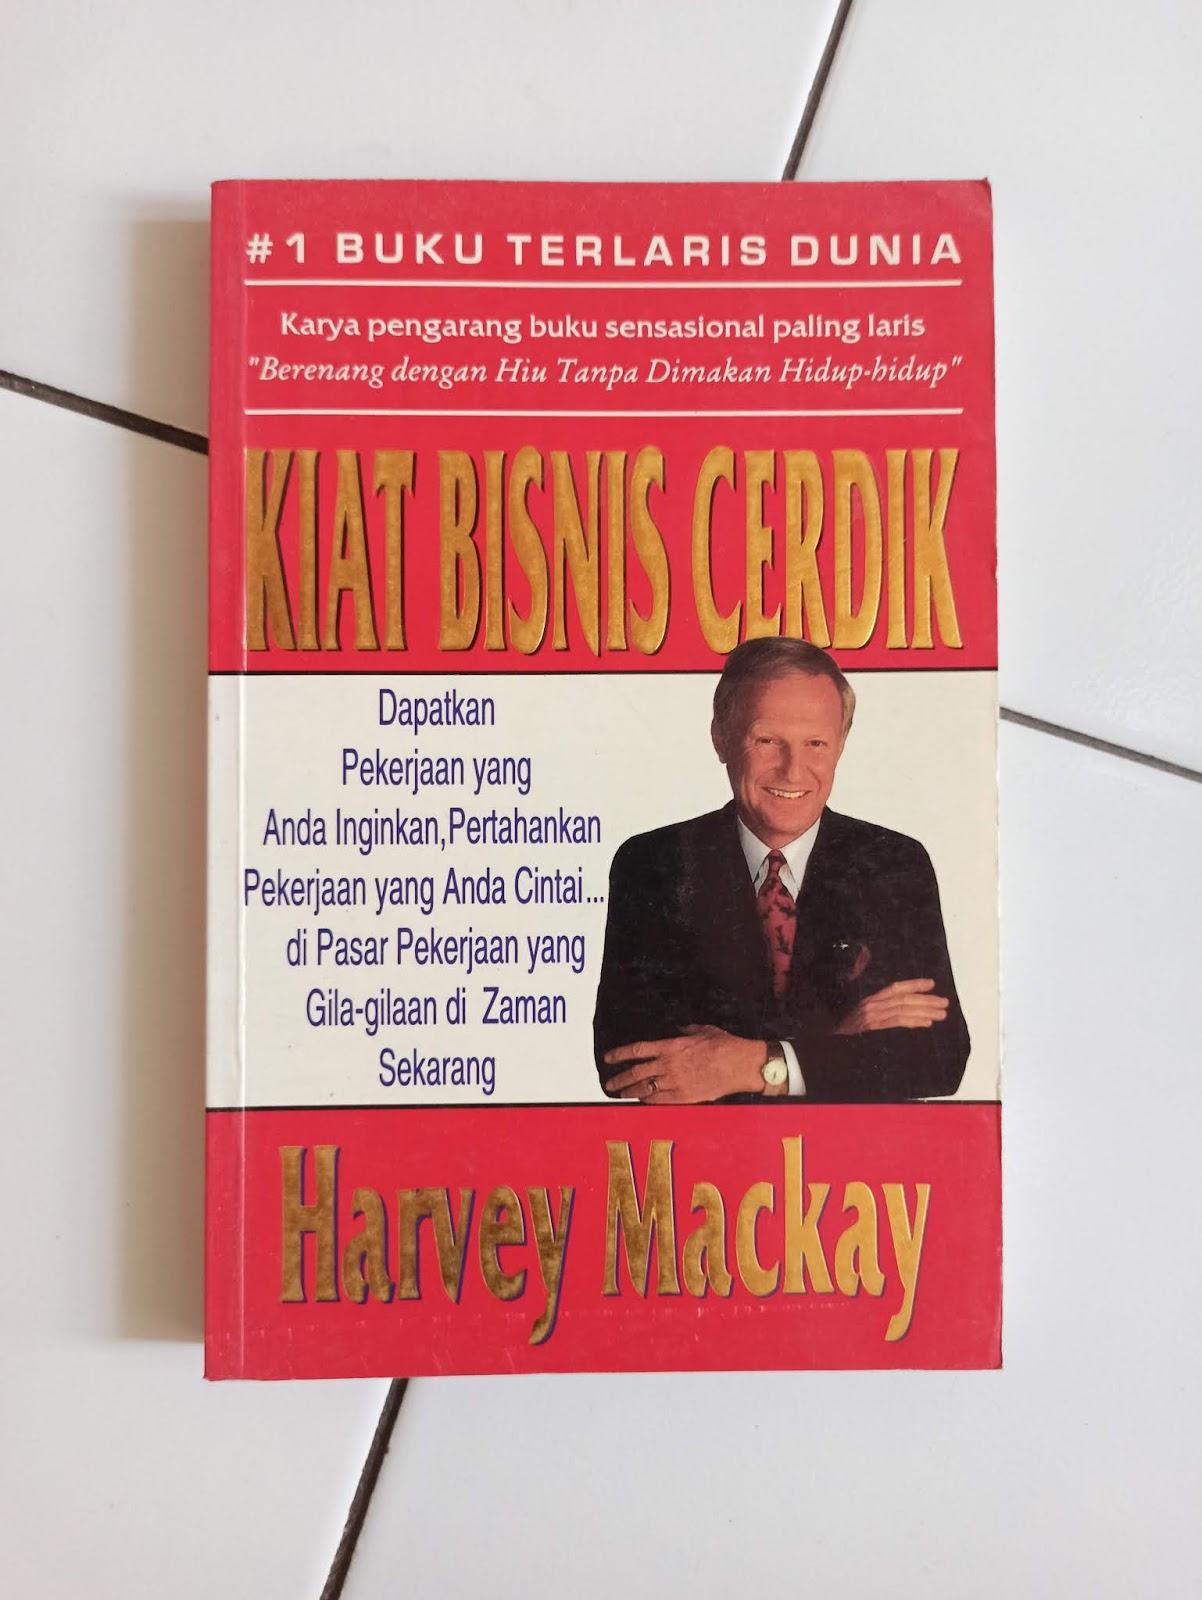 Buku Bekas Kiat Bisnis Cerdik